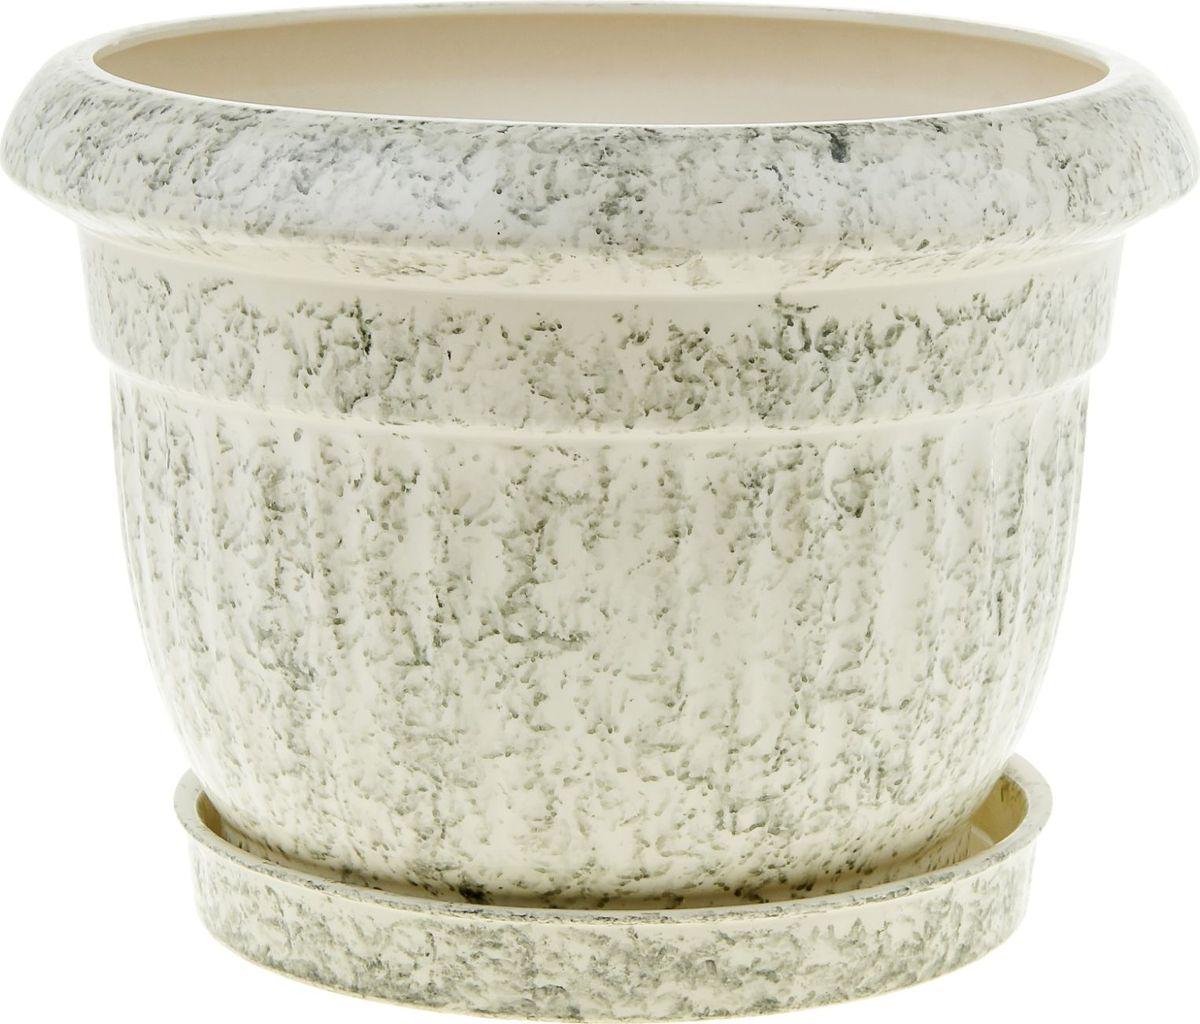 Кашпо Керамика ручной работы Ботаник, цвет: мрамор, 11 л835515Комнатные растения - всеобщие любимцы. Они радуют глаз, насыщают помещение кислородом и украшают пространство. Каждому из них необходим свой удобный и красивый дом. Кашпо из керамики прекрасно подходят для высадки растений: за счет пластичности глины и разных способов обработки существует великое множество форм и дизайнов пористый материал позволяет испаряться лишней влаге воздух, необходимый для дыхания корней, проникает сквозь керамические стенки! Позаботится о зеленом питомце, освежит интерьер и подчеркнет его стиль.